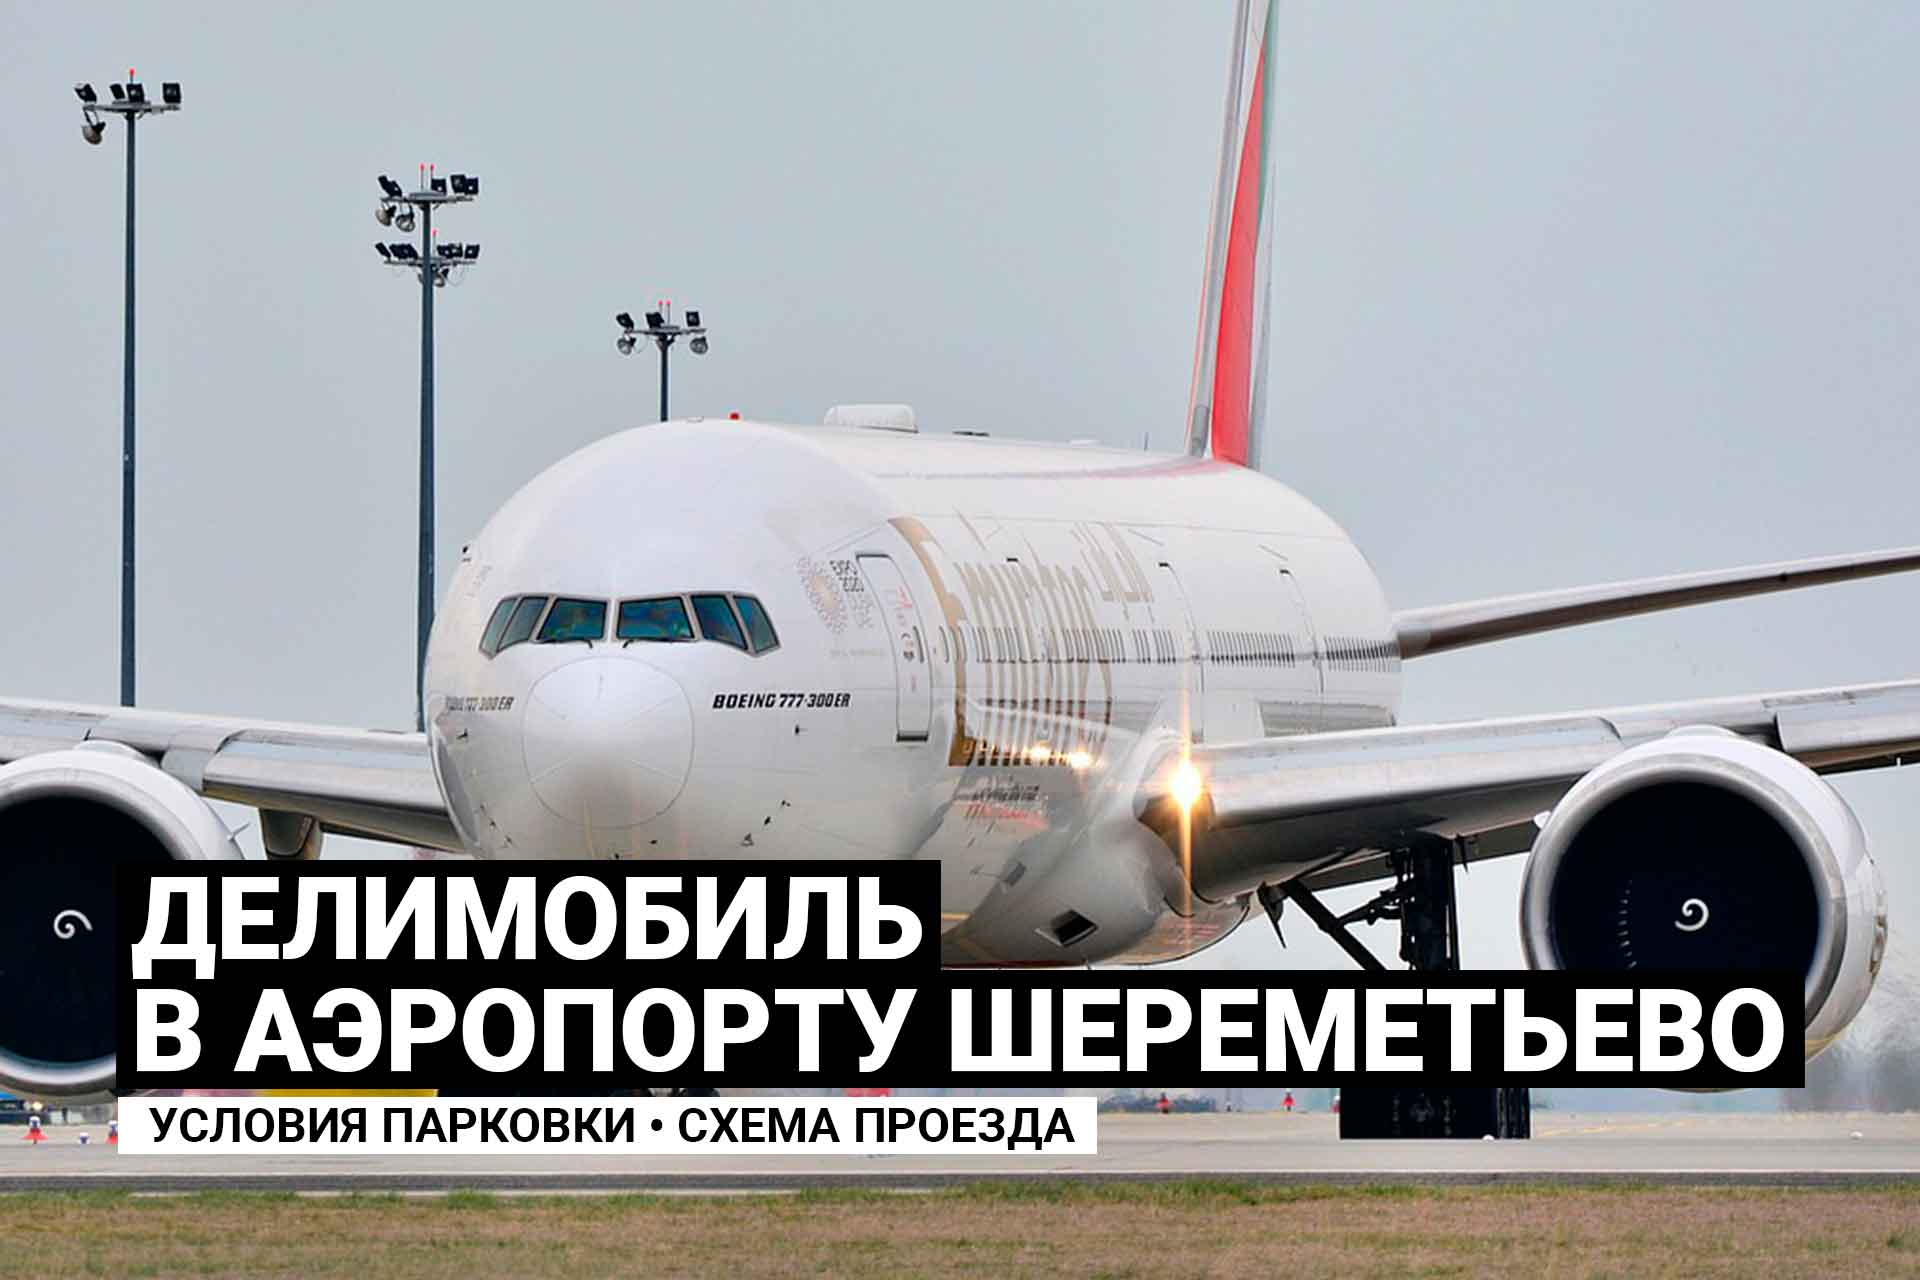 Делимобиль в аэропорту Шереметьево